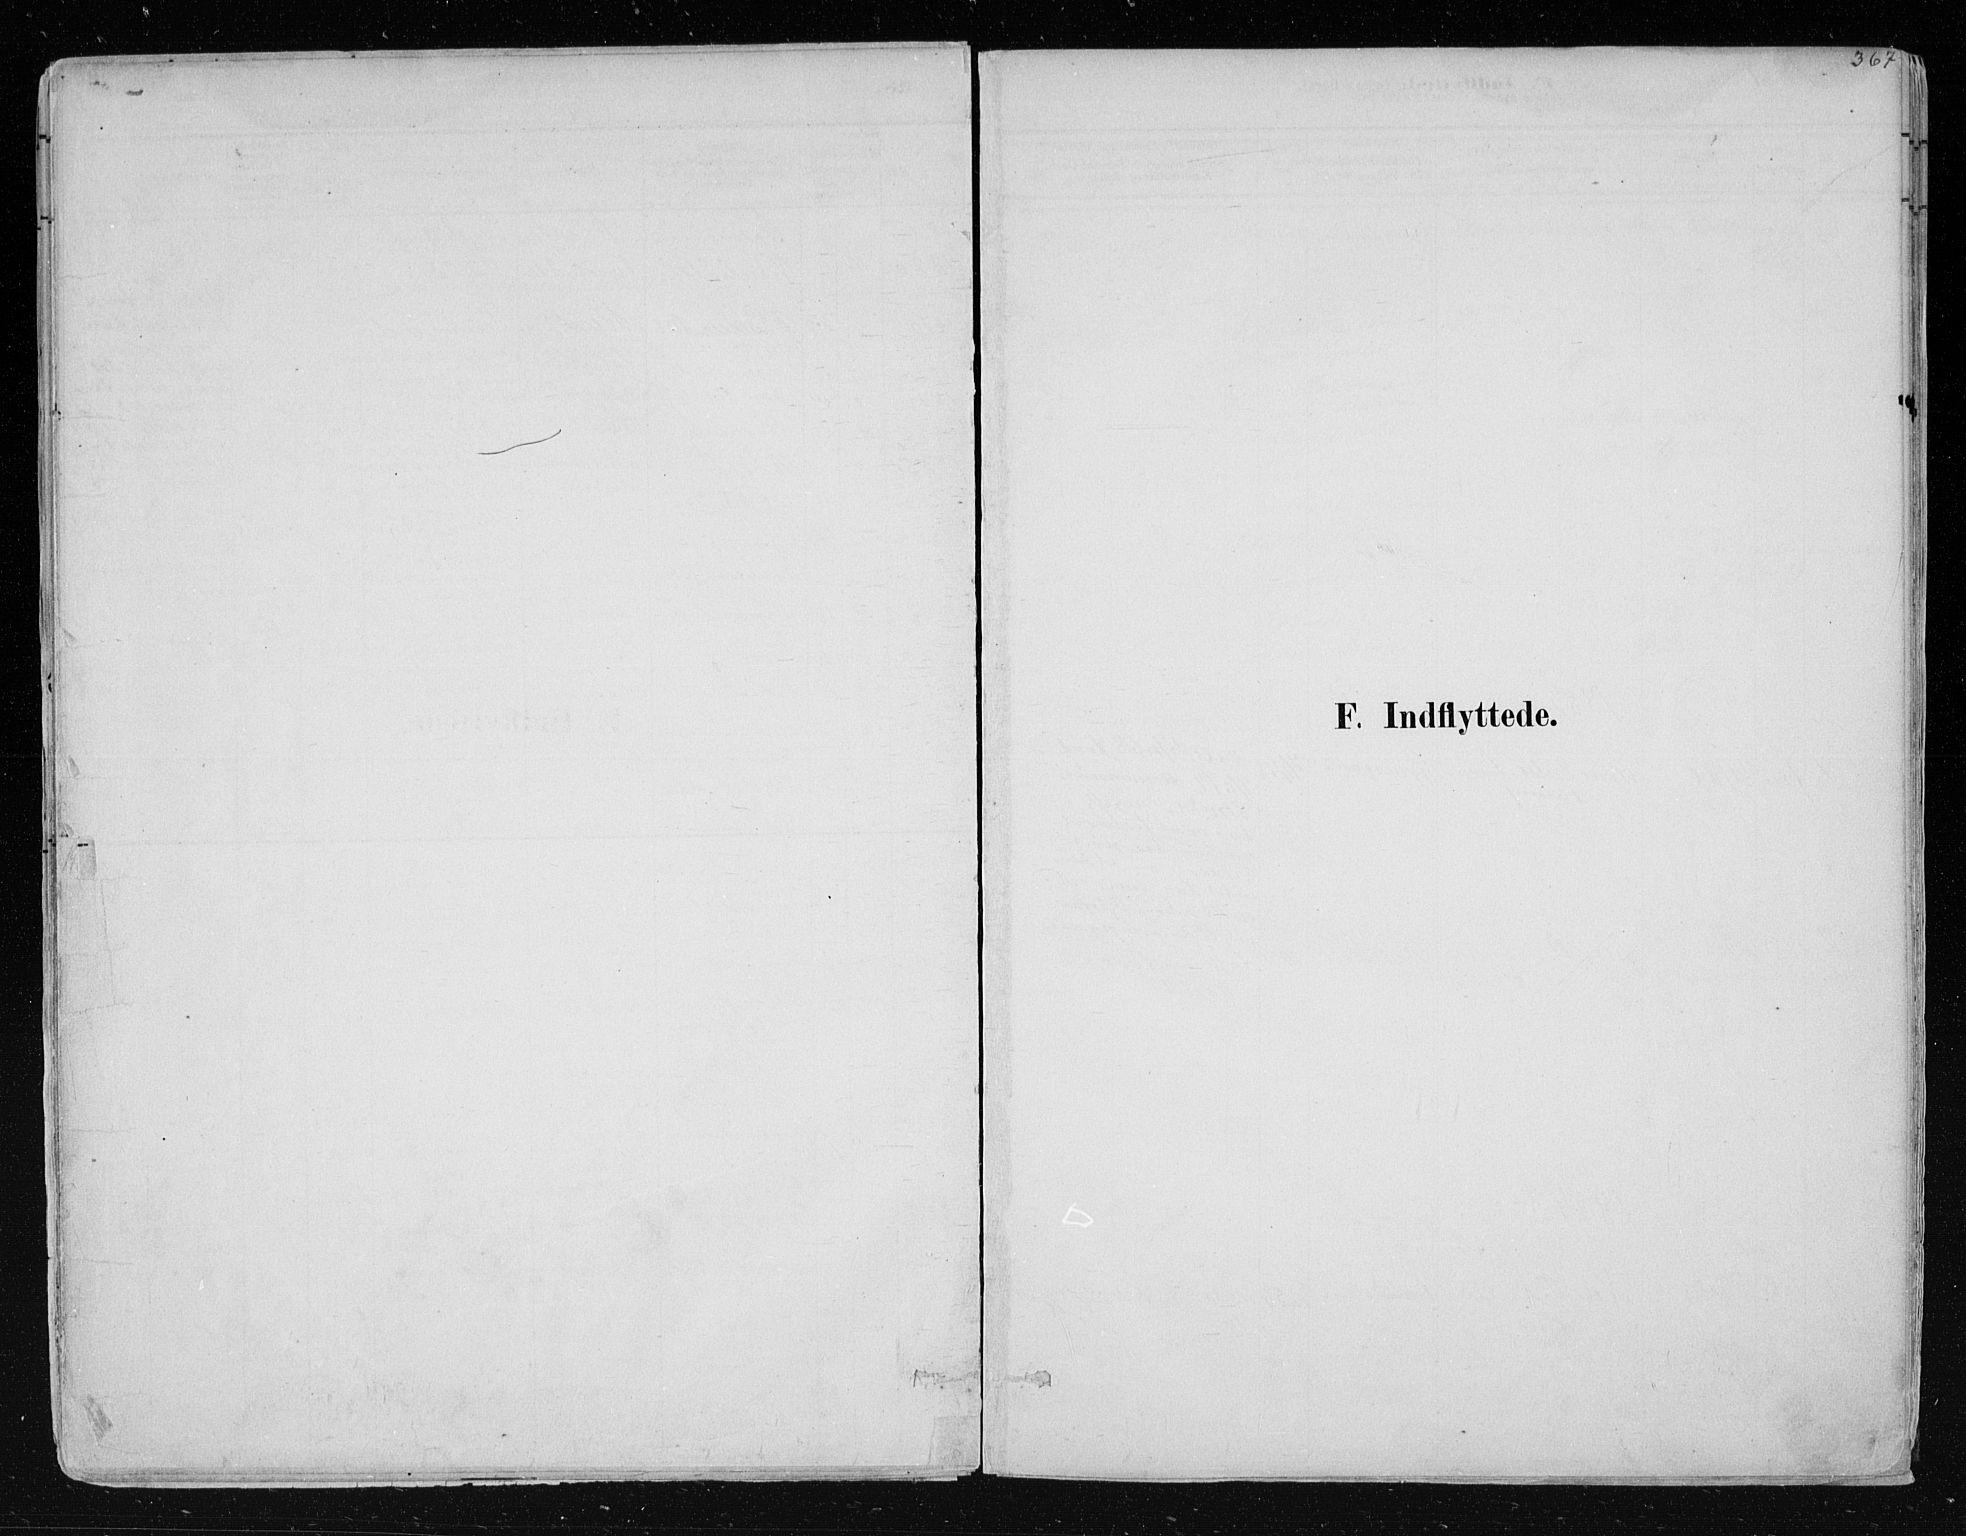 SAKO, Nes kirkebøker, F/Fa/L0011: Ministerialbok nr. 11, 1881-1912, s. 367